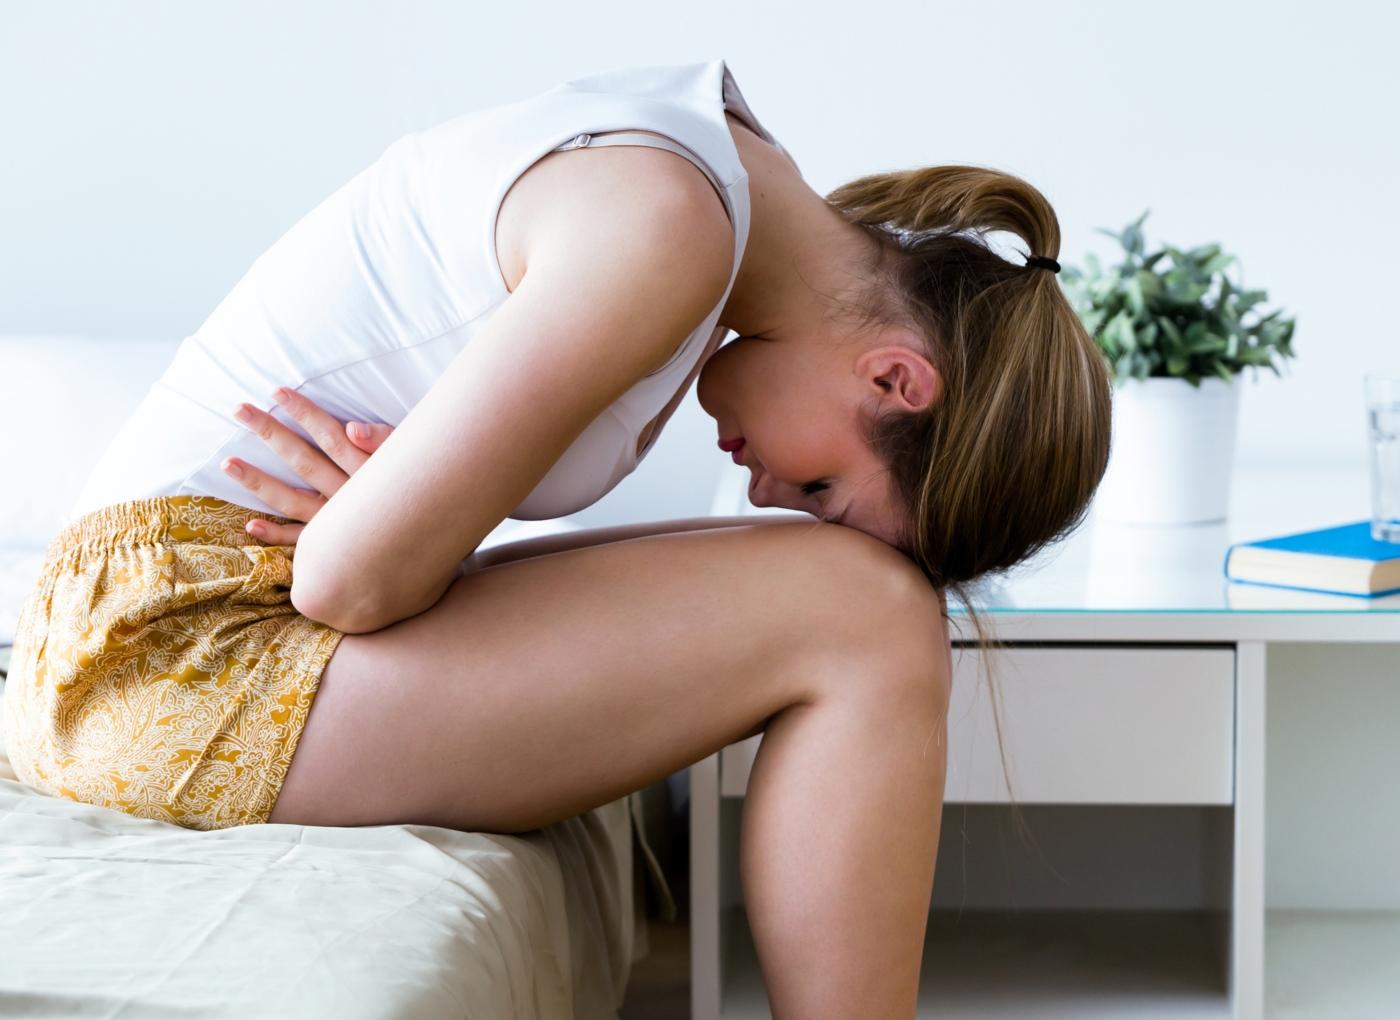 Hemorroidas externas: como tratar e aliviar os sintomas